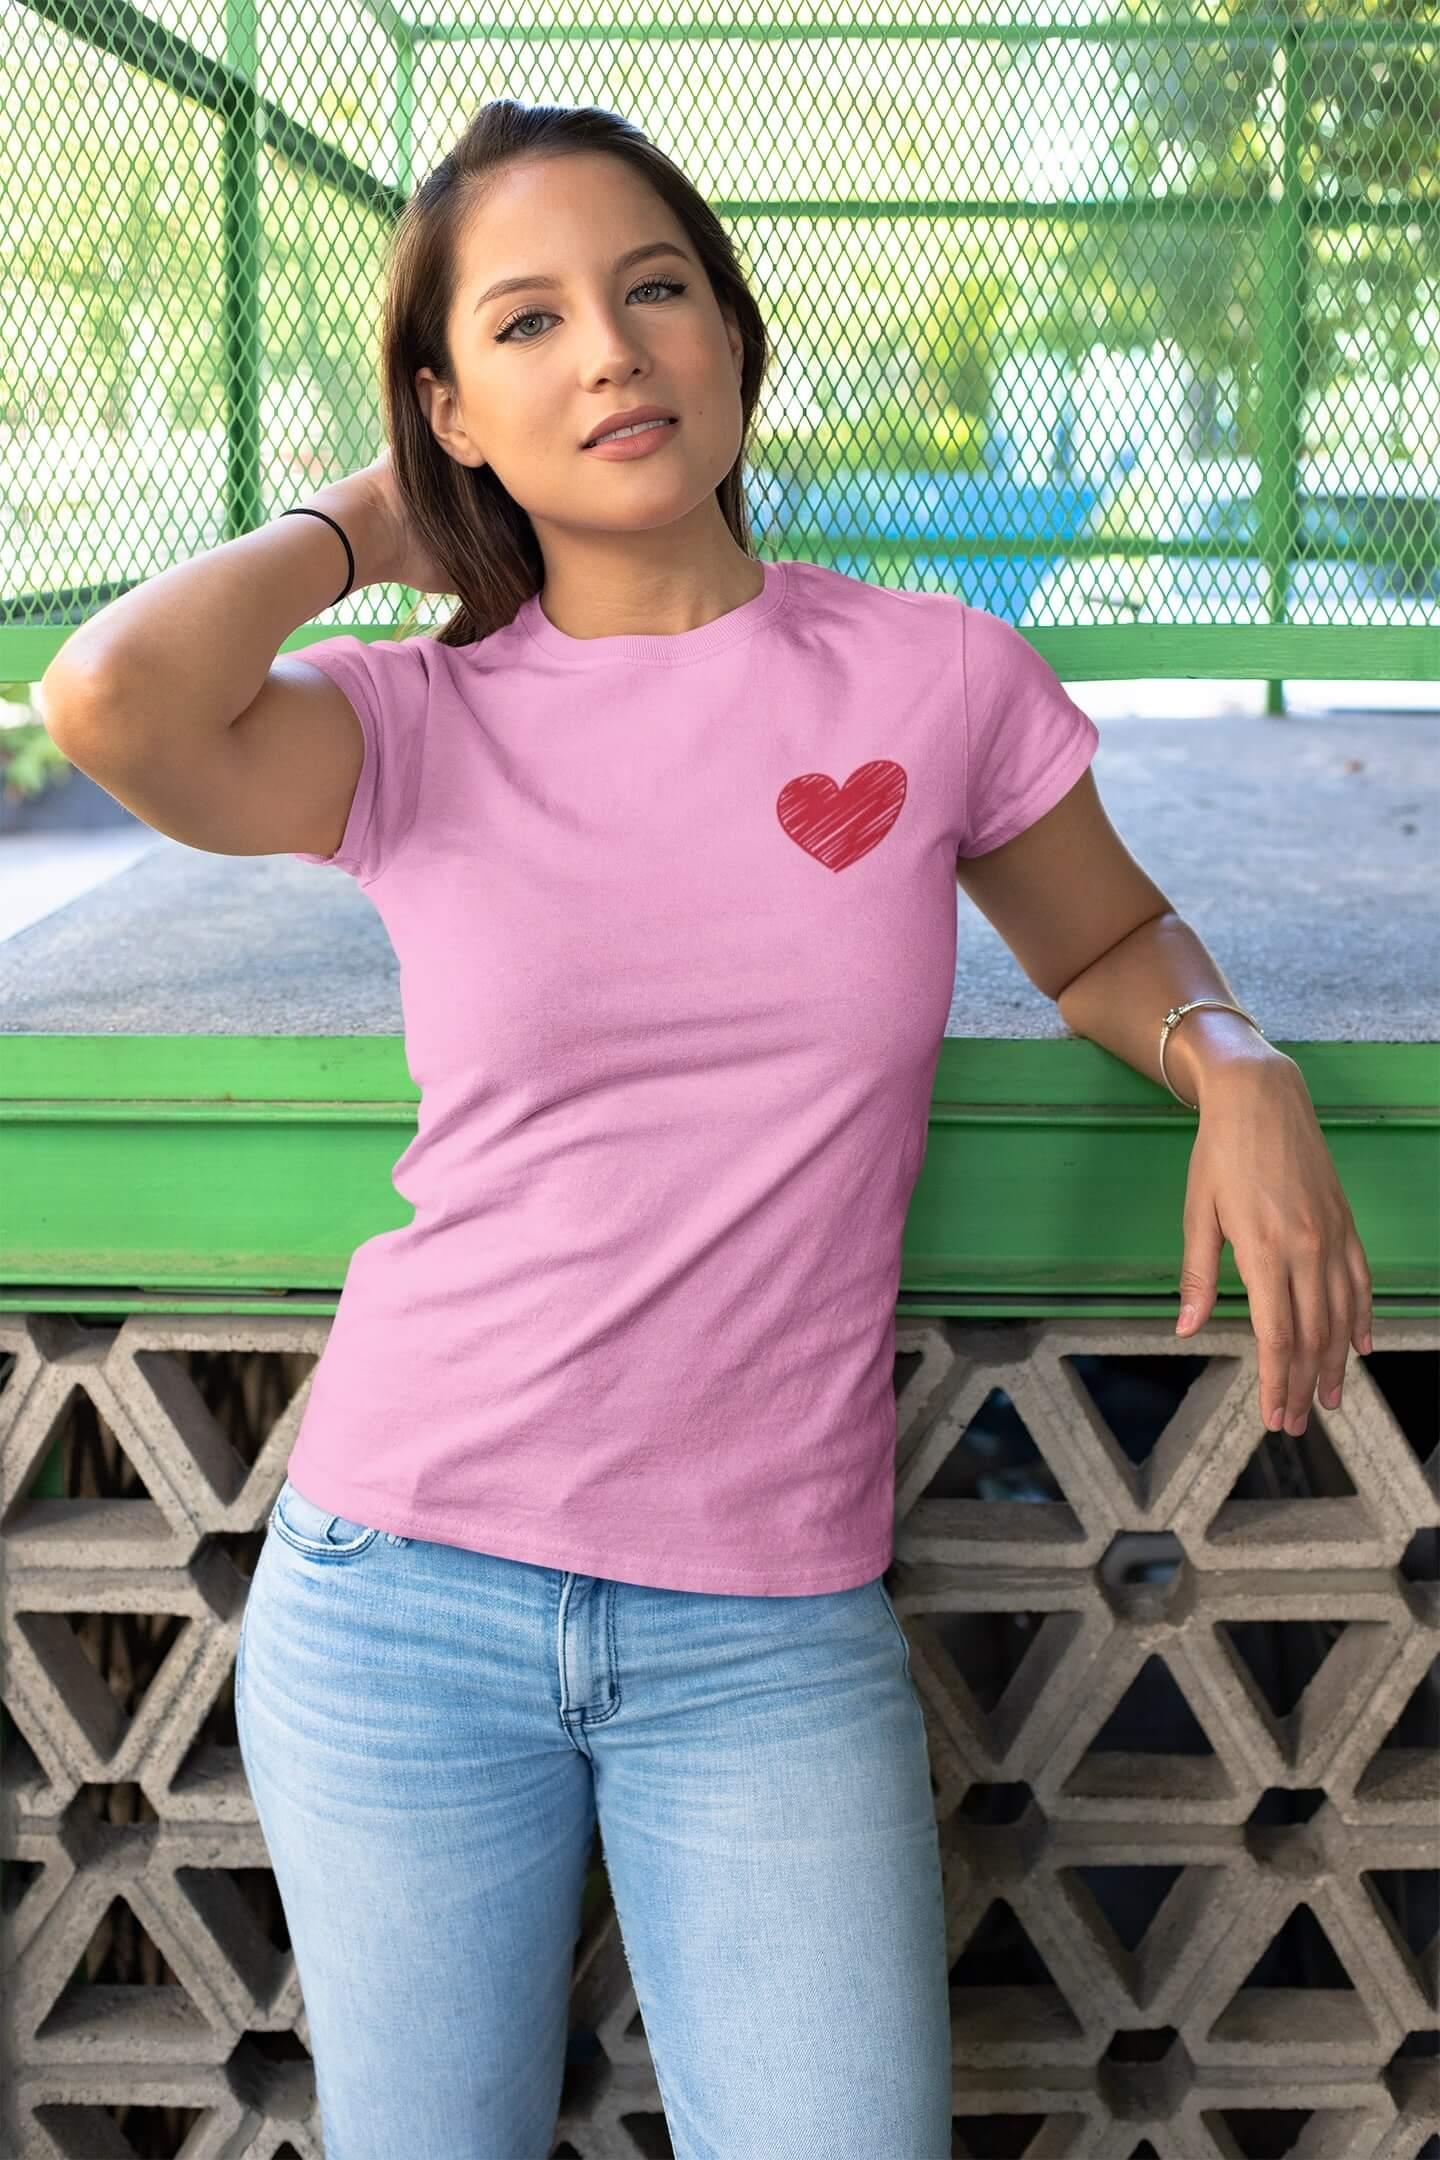 MMO Dámske tričko Červené srdce Vyberte farbu: Ružová, Dámska veľkosť: M